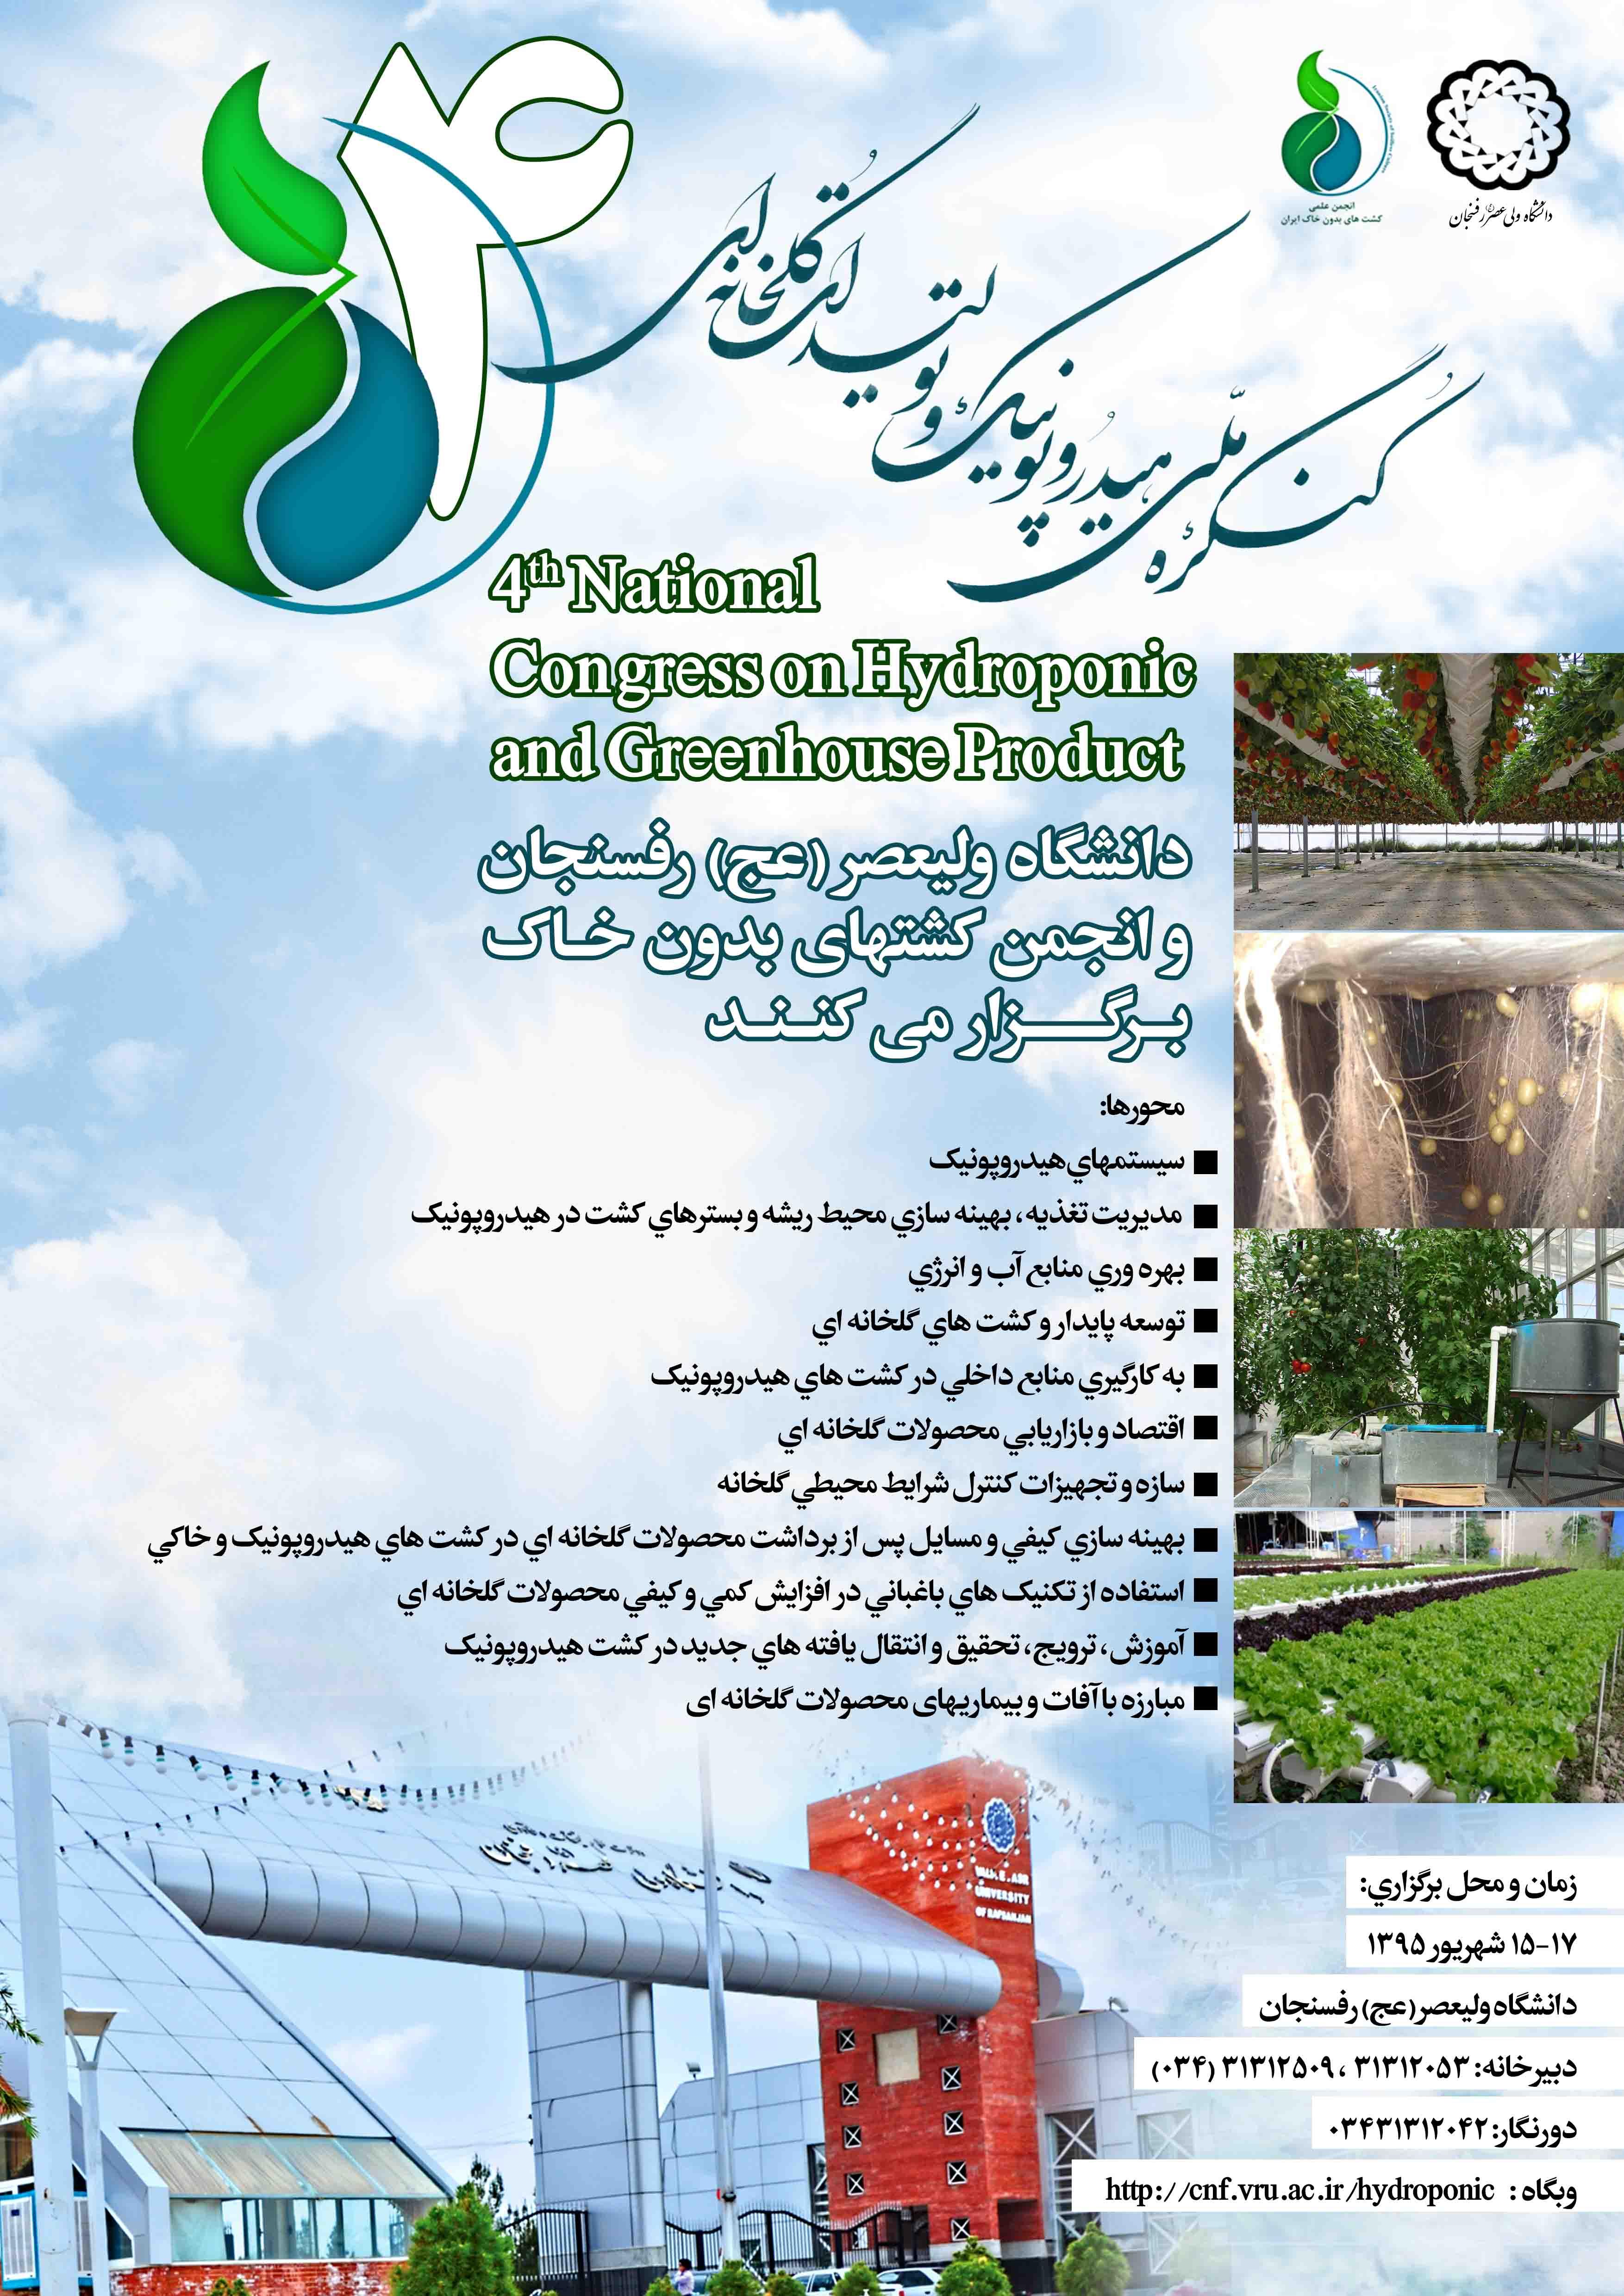 چهارمین کنگره ملی هیدروپونیک و تولیدات گلخانه ای